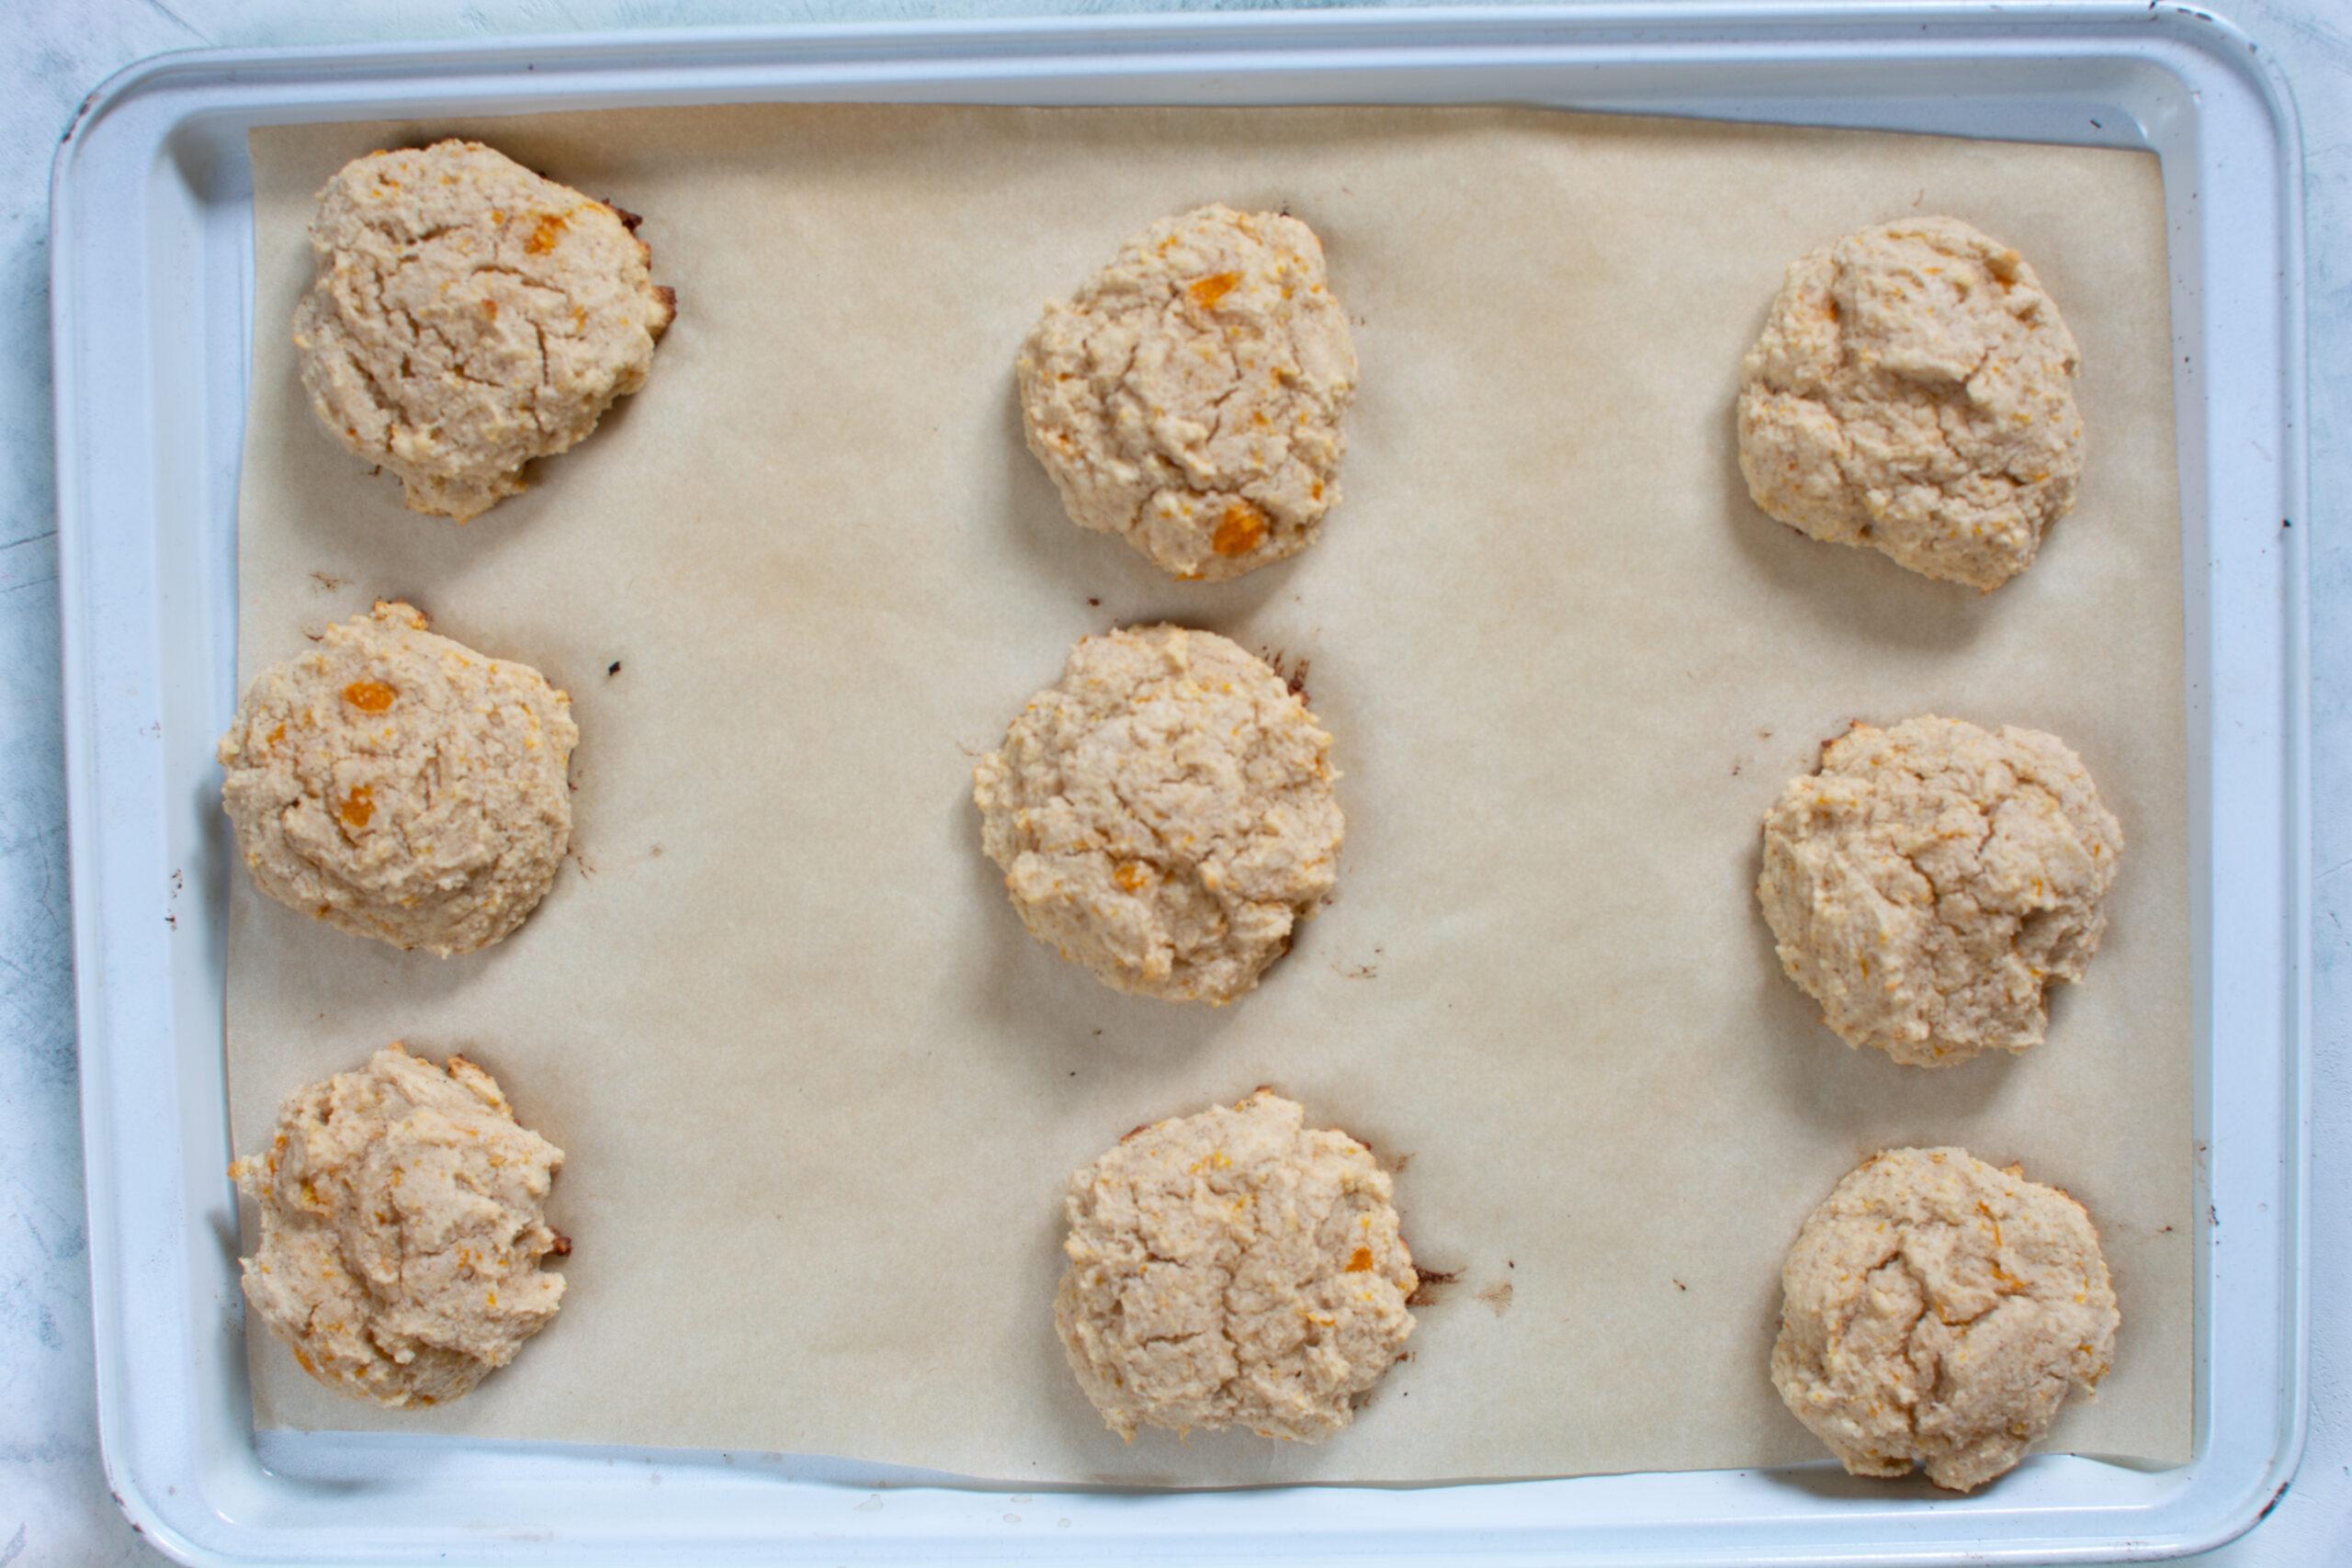 Baked cookies keto pumpkin cookies